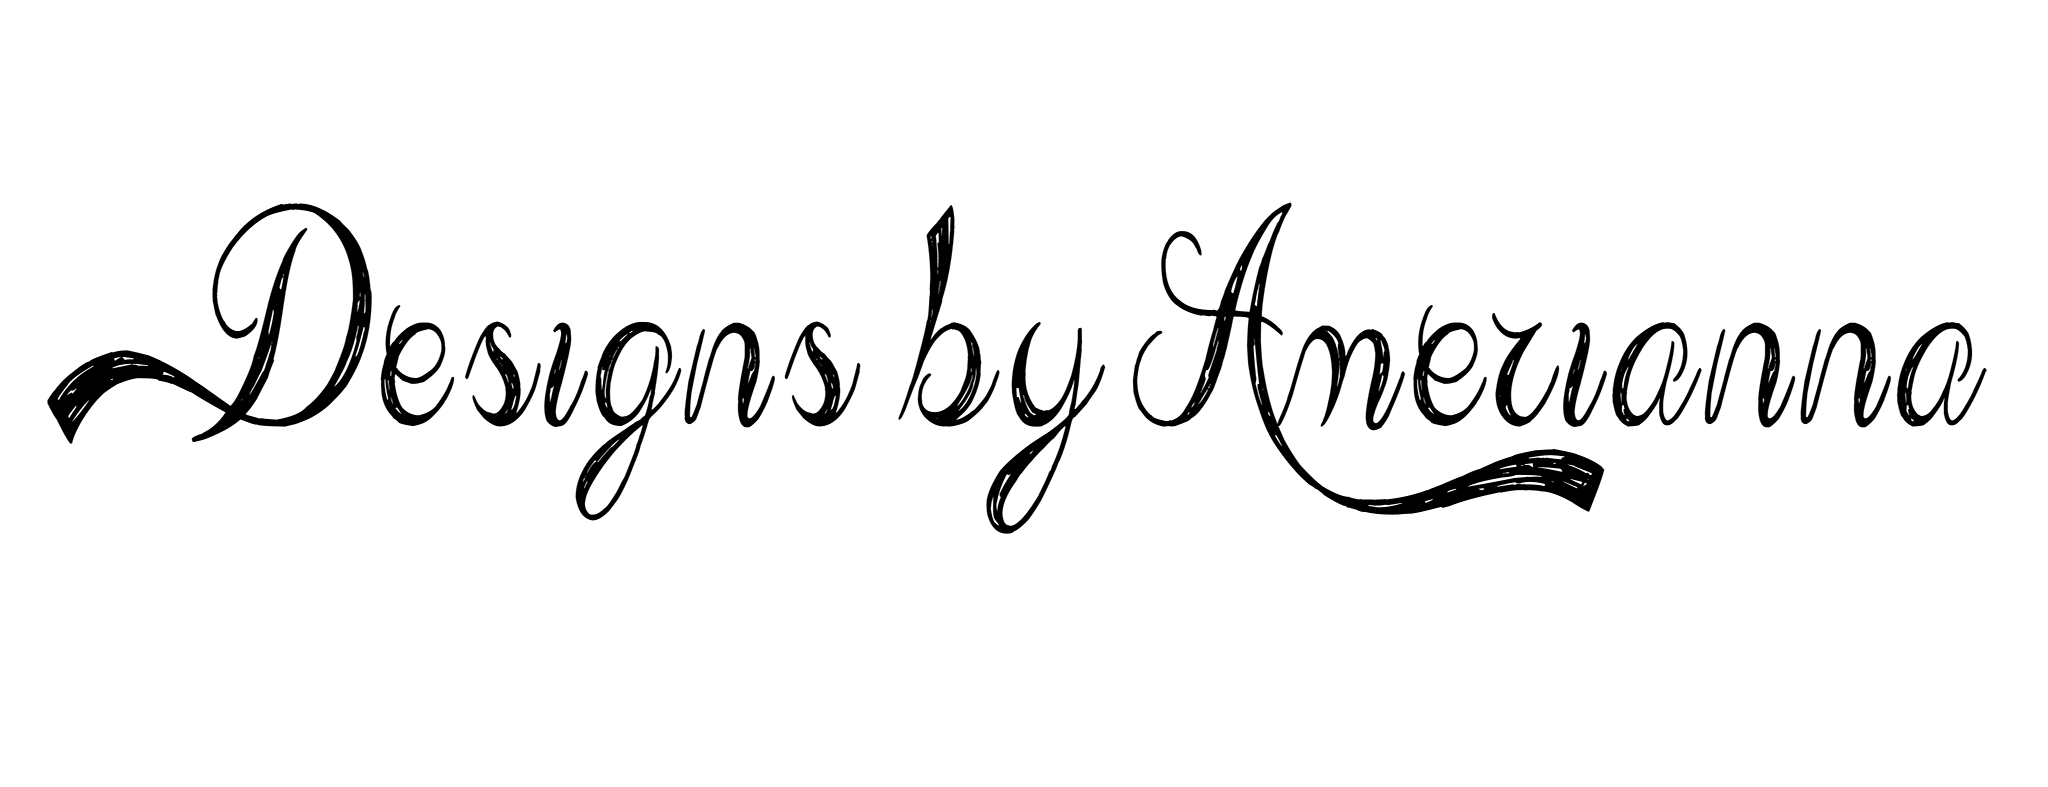 ameriannadesigns's Signature